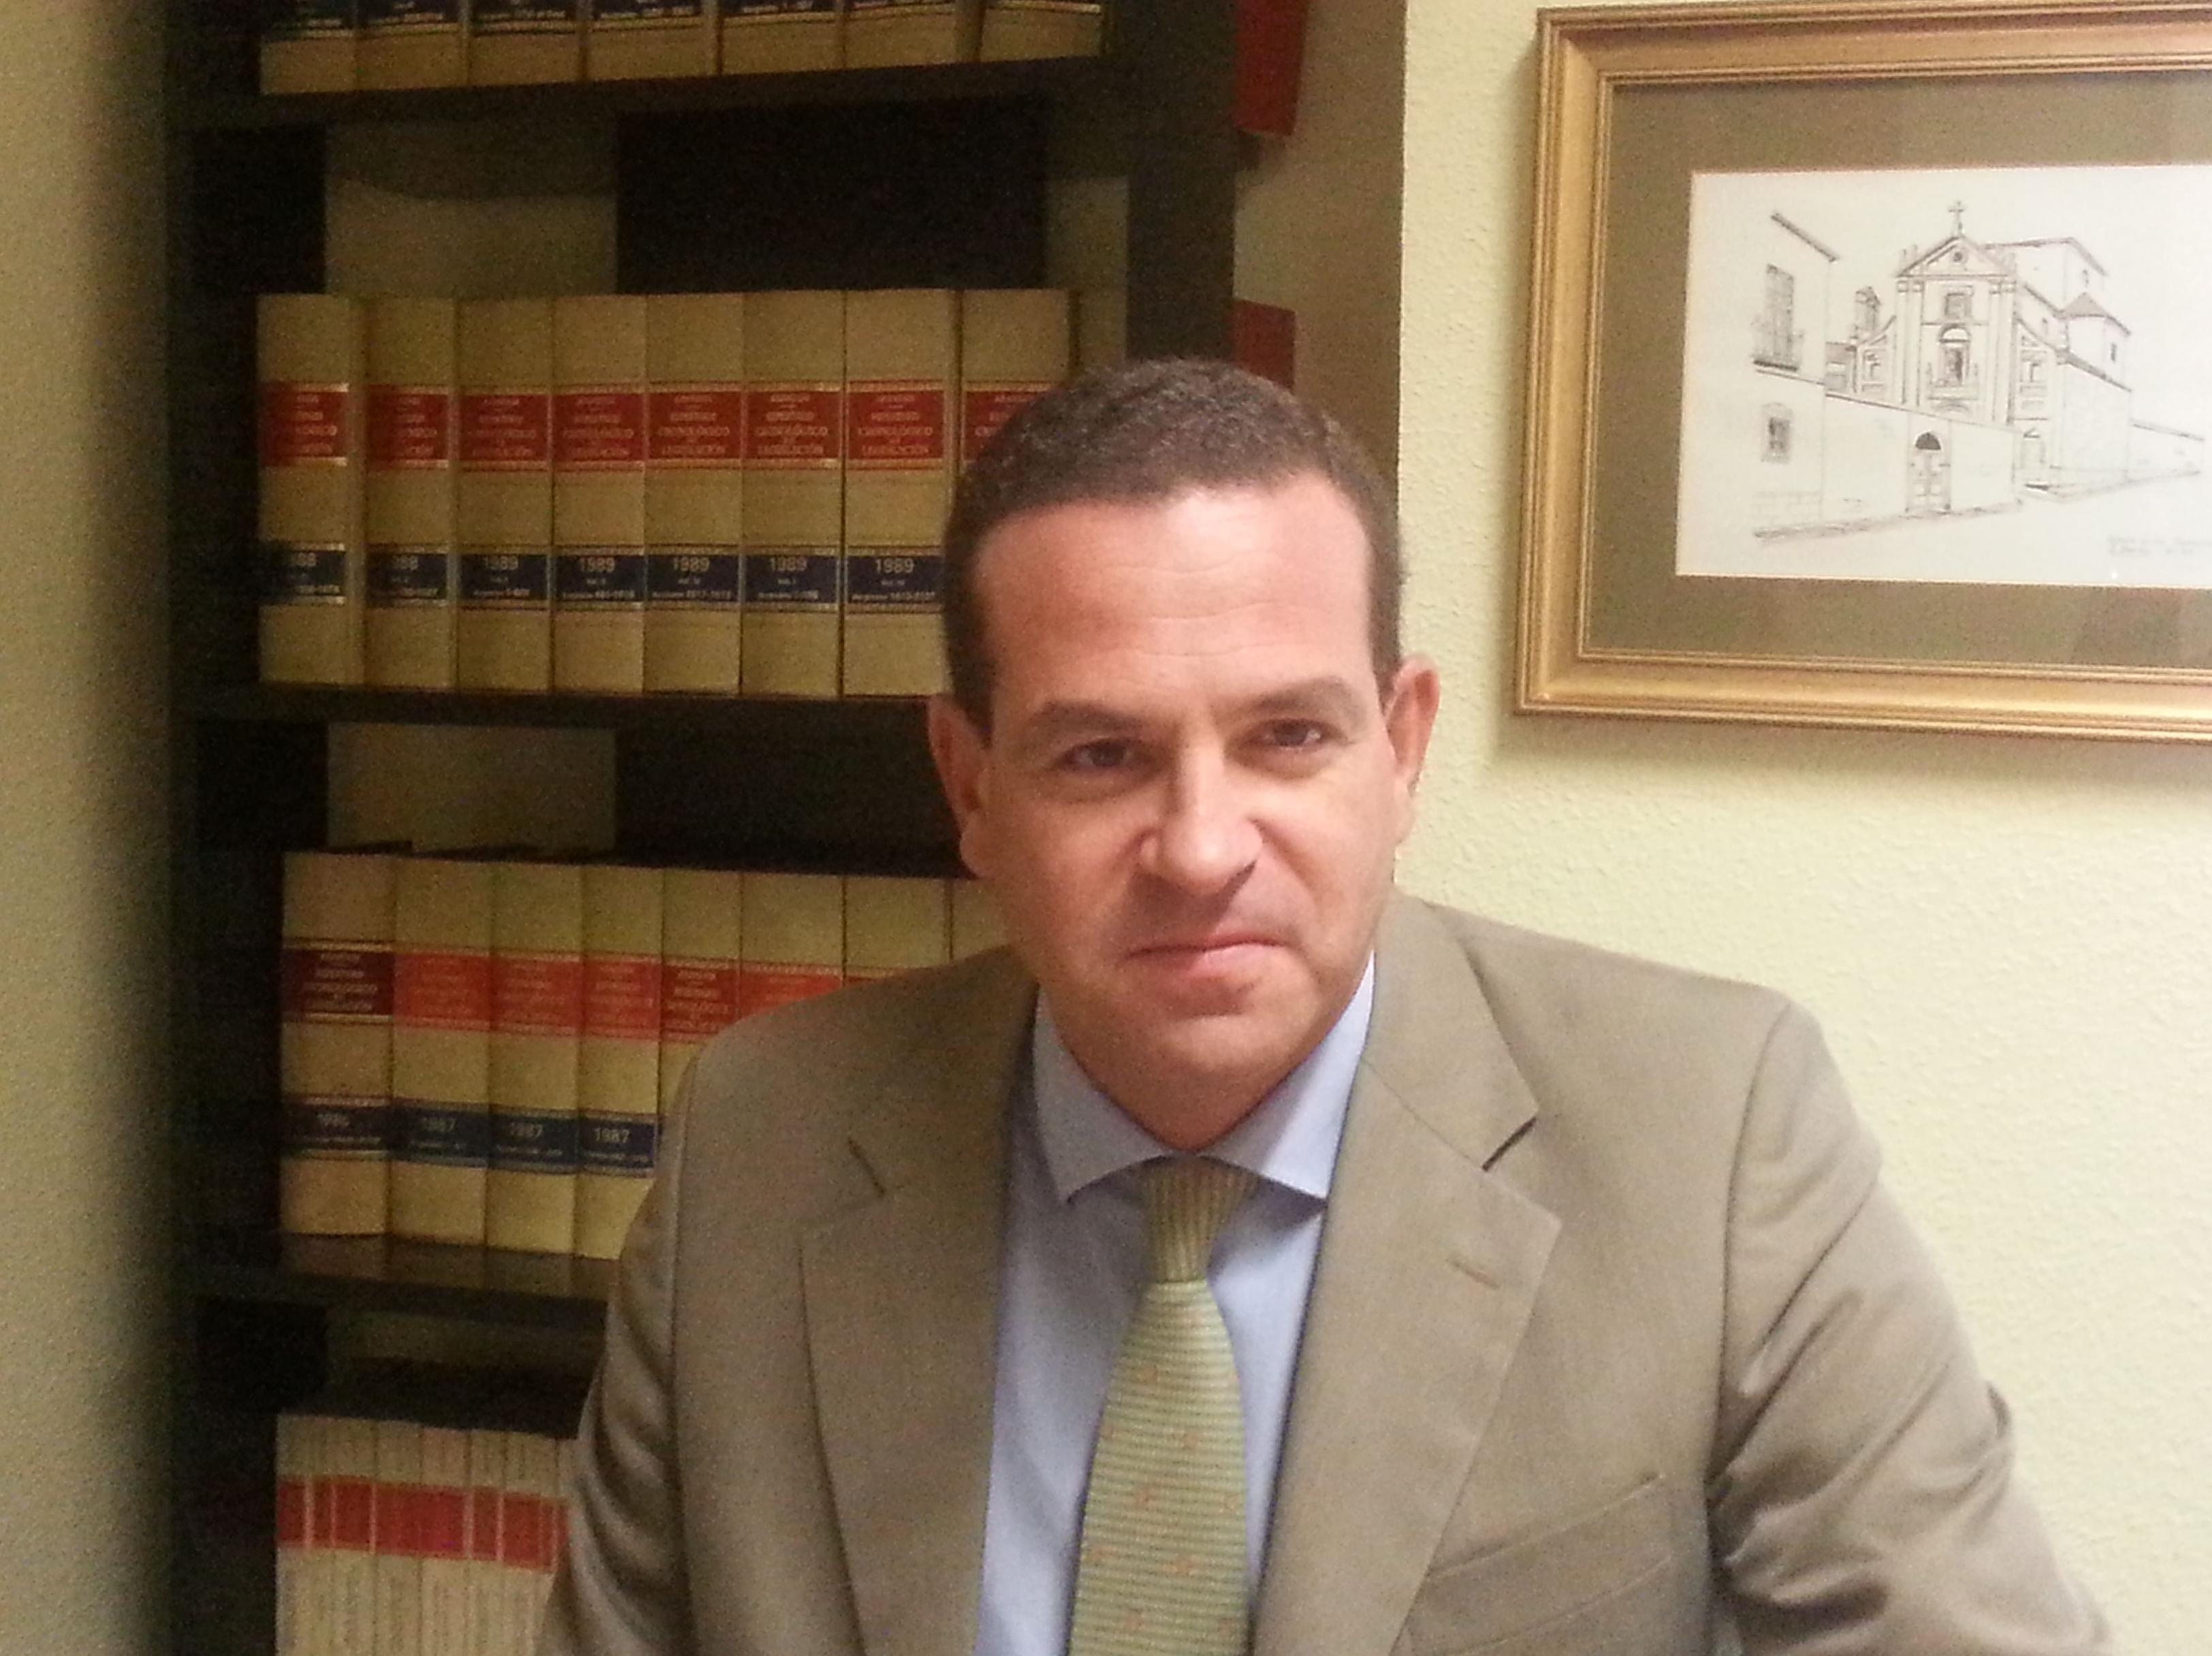 Pablo Barba Gutiérrez. Abogado, socio. Licenciado en Derecho por la Universidad San Pablo C.E.U. Titulado superior en derecho laboral y Seguridad Social por el C.E.F.